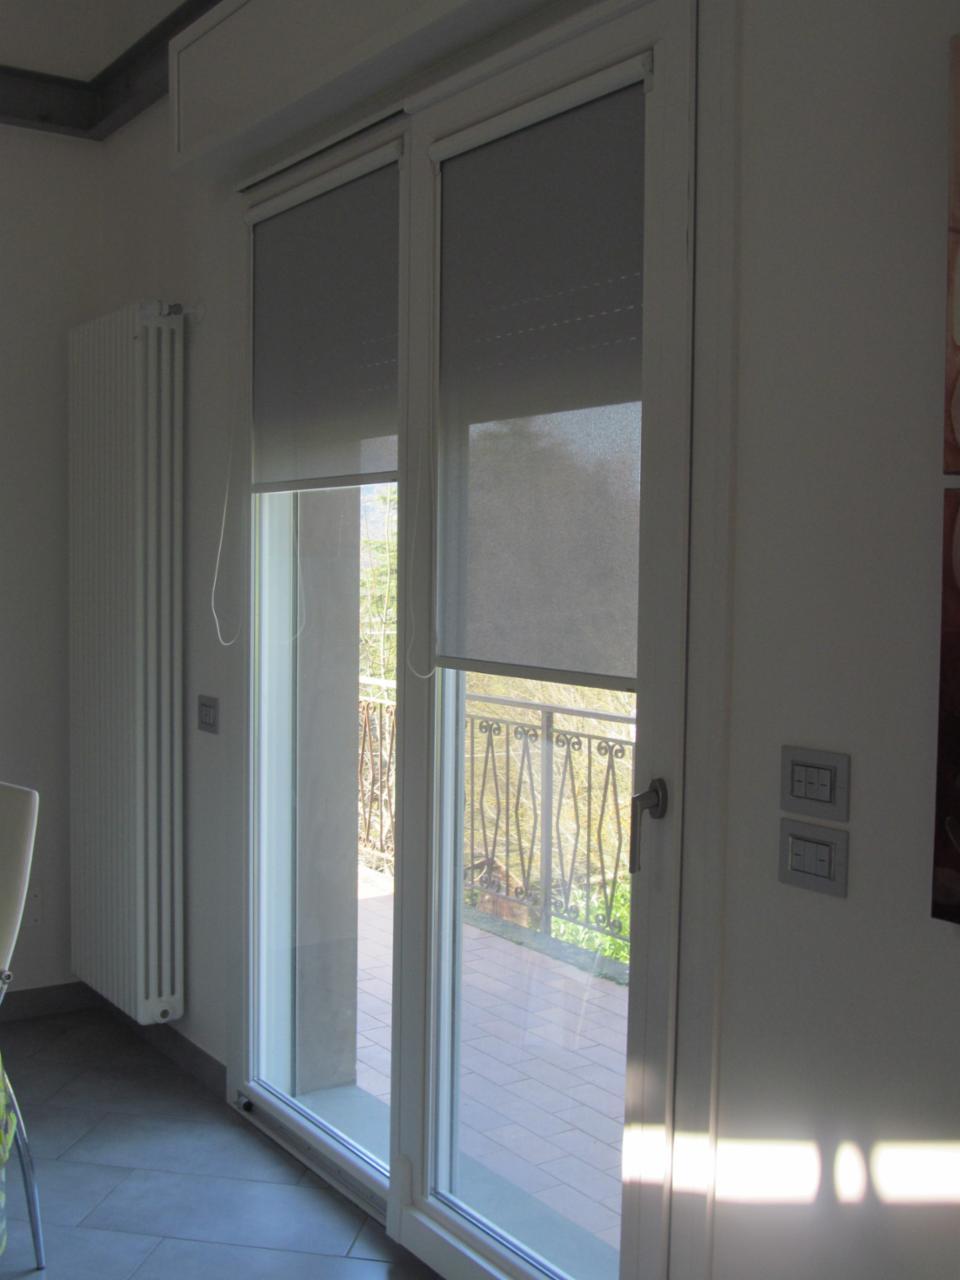 Borsari realizzazioni i nostri infissi per tutti gli ambienti porte finestre persiane infissi - Pellicole oscuranti per finestre ...